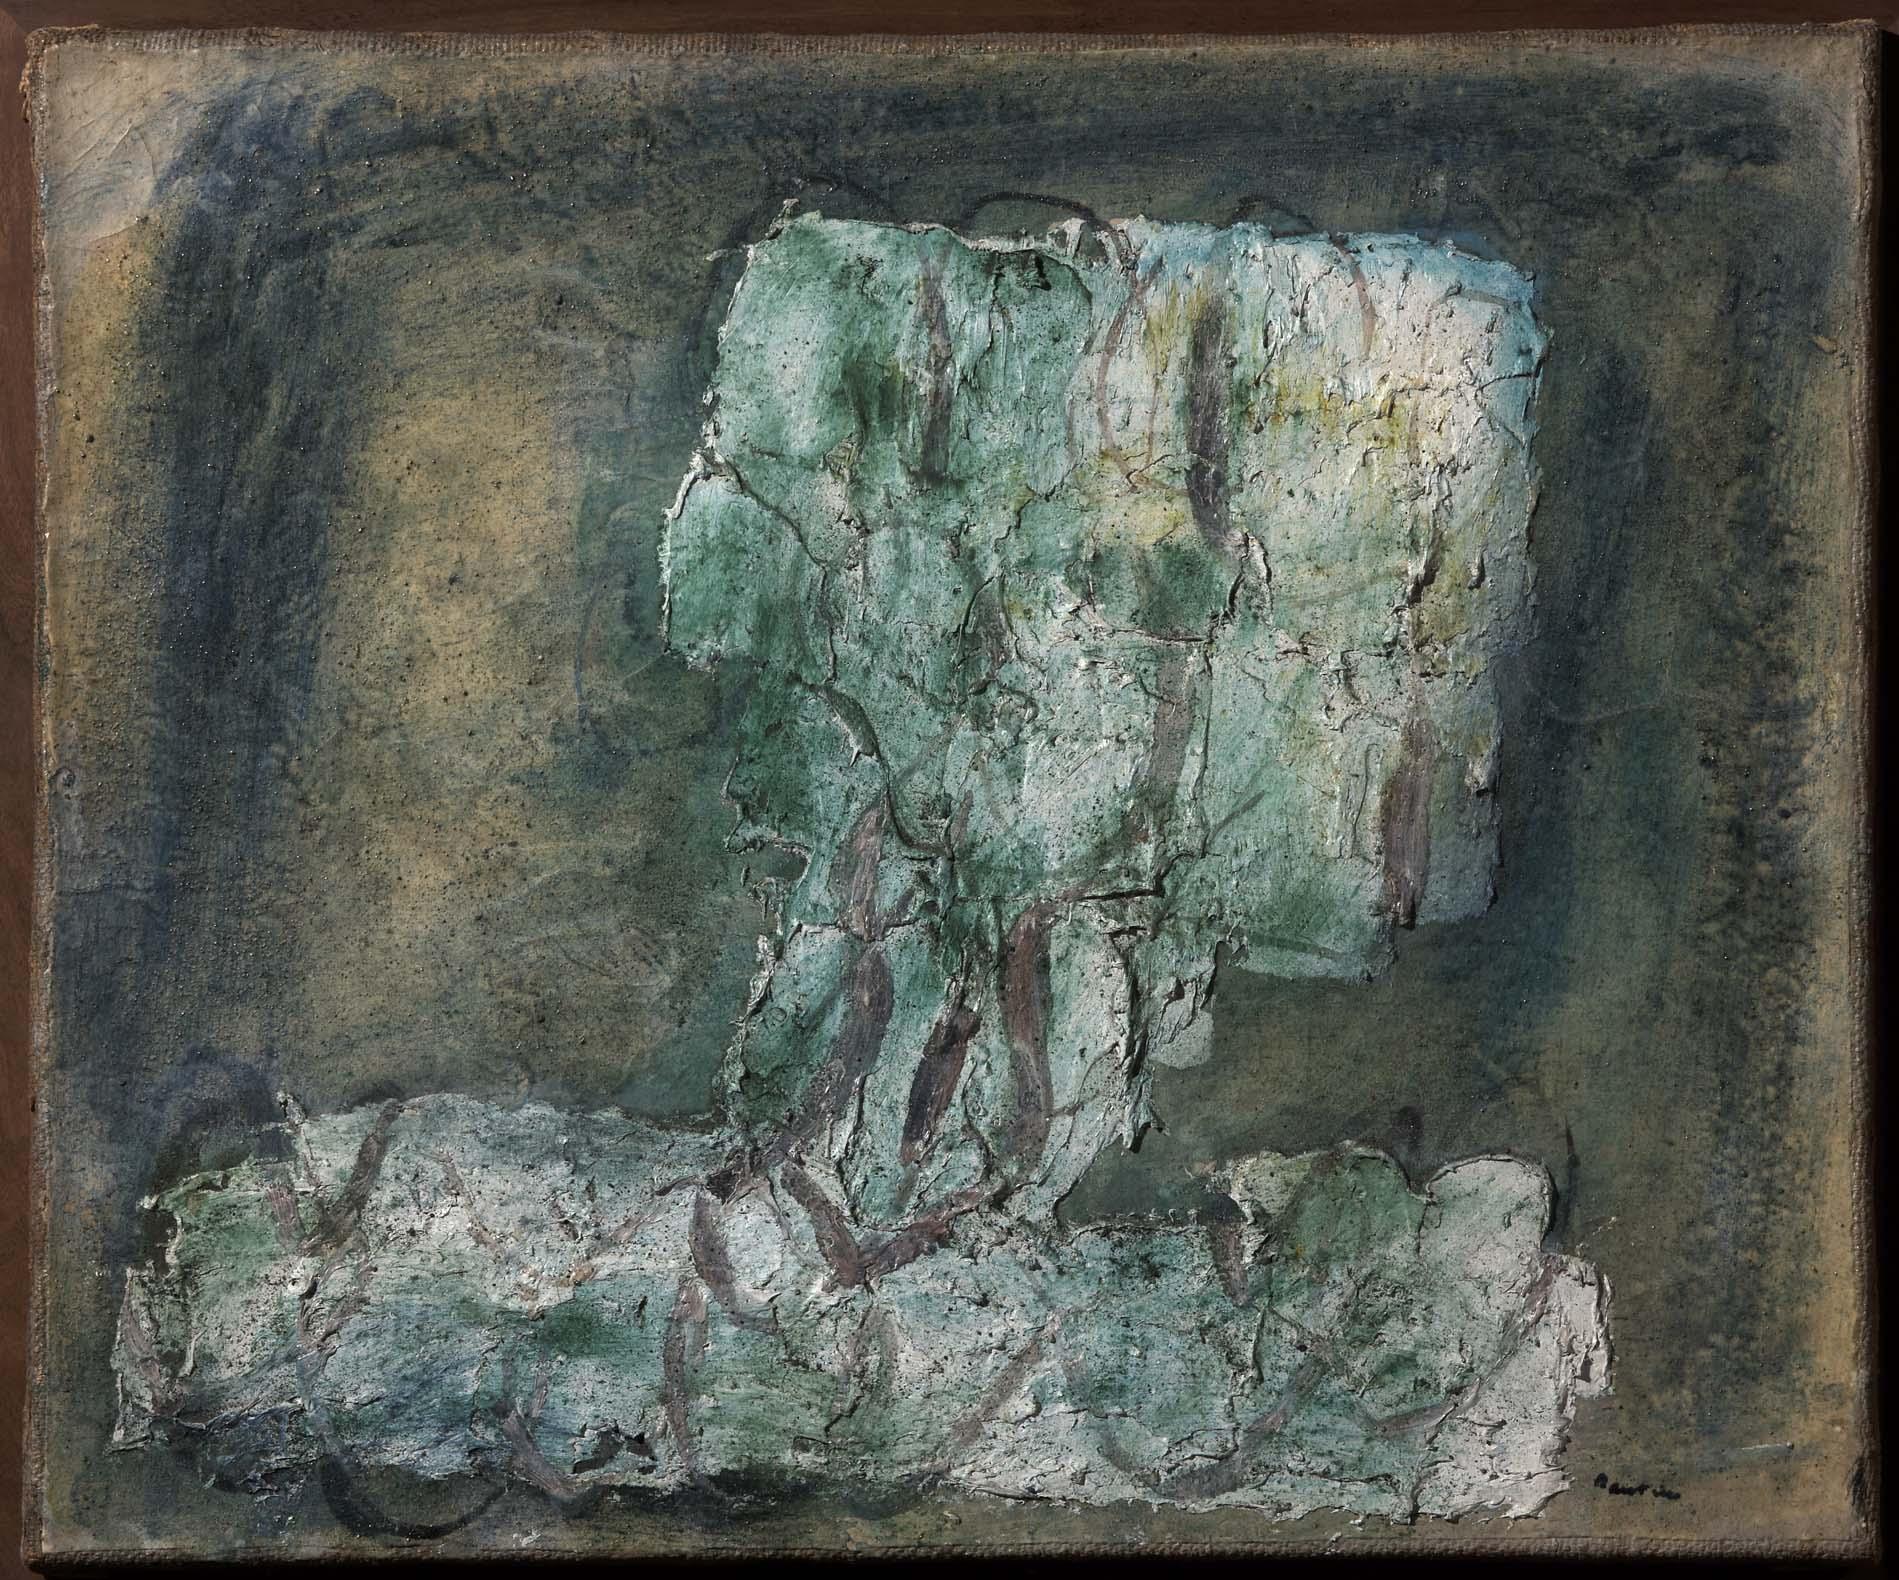 Jean fautrier l 39 arbre vert el rbol verde for Minimal art obras y autores